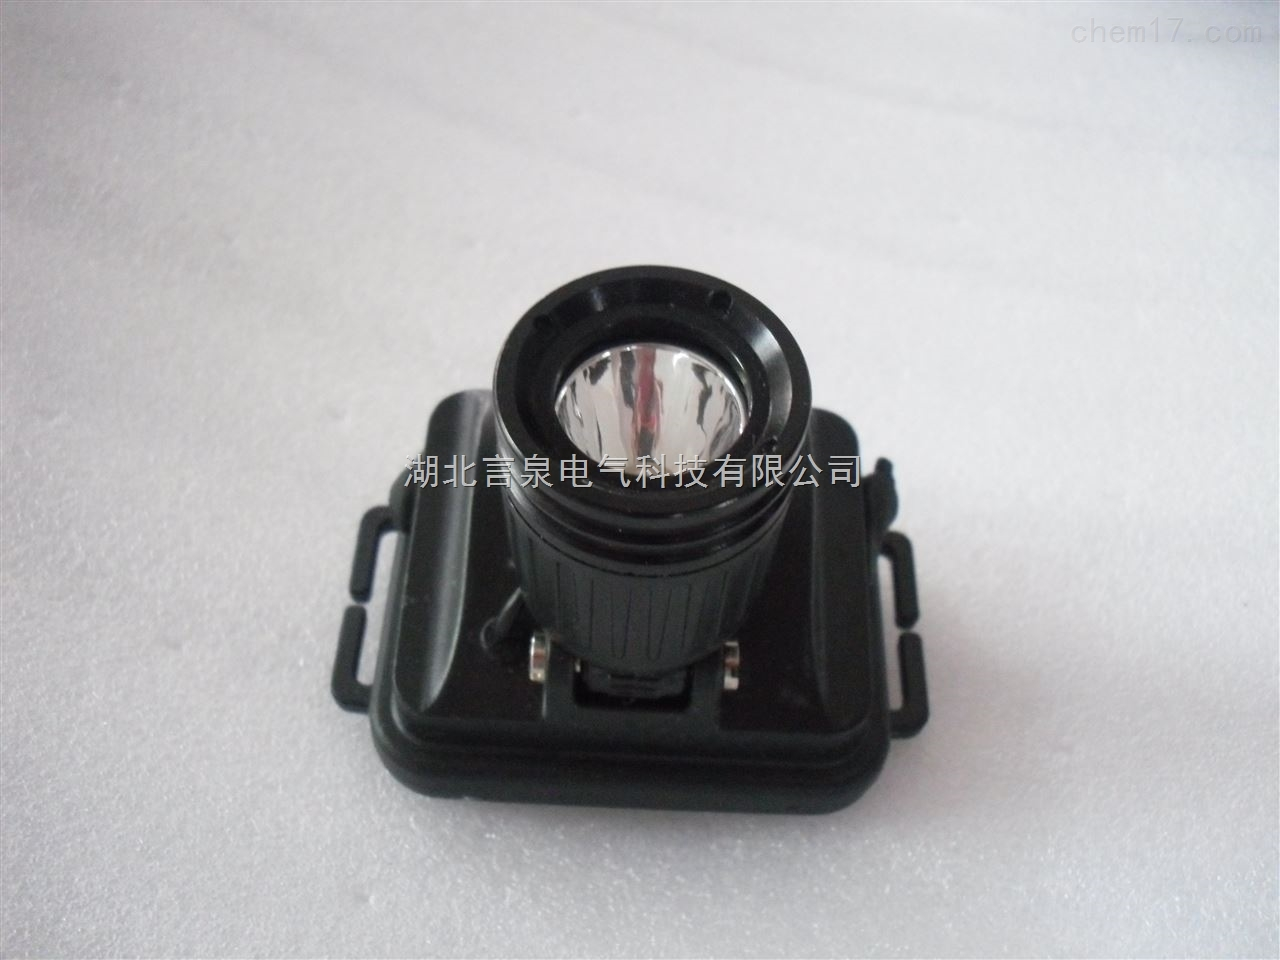 SW2200A猎友专用调聚光防爆头灯LED强光